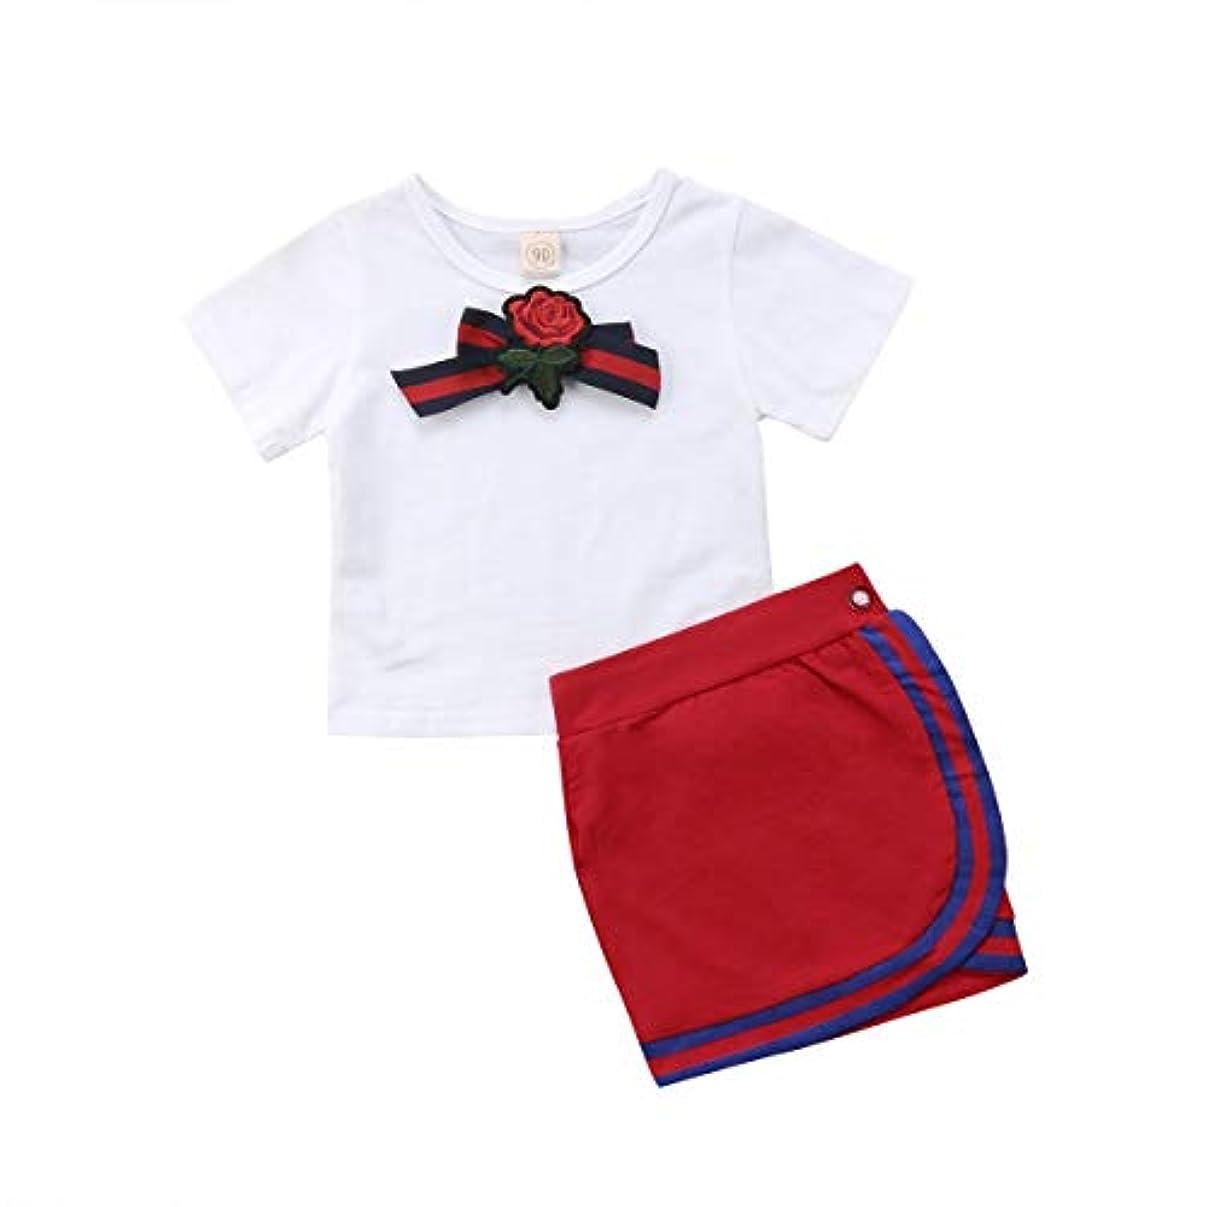 わずかに歴史的蘇生するOnderroa - 女子制服新生児キッズベビー は蝶の花タイのTシャツショートミニスカートパーティーウェディングチュチュドレストップス設定します。